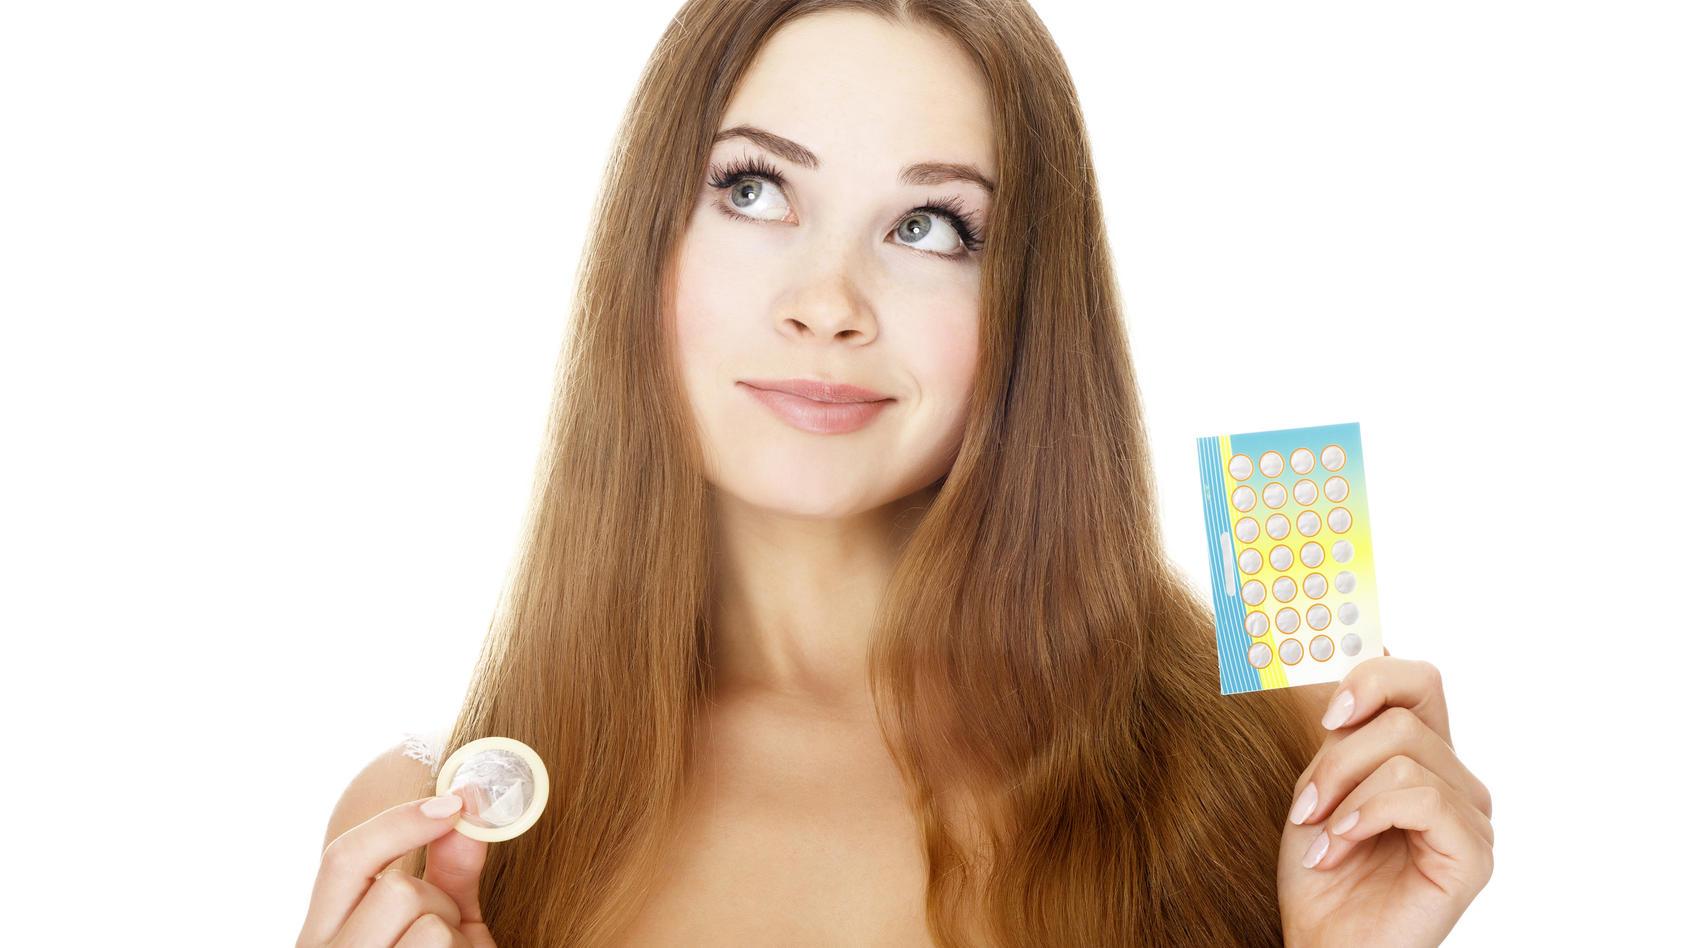 Pille oder keine Pille? Laut AOK entscheiden sich immer mehr Frauen gegen das Verhütungsmittel.